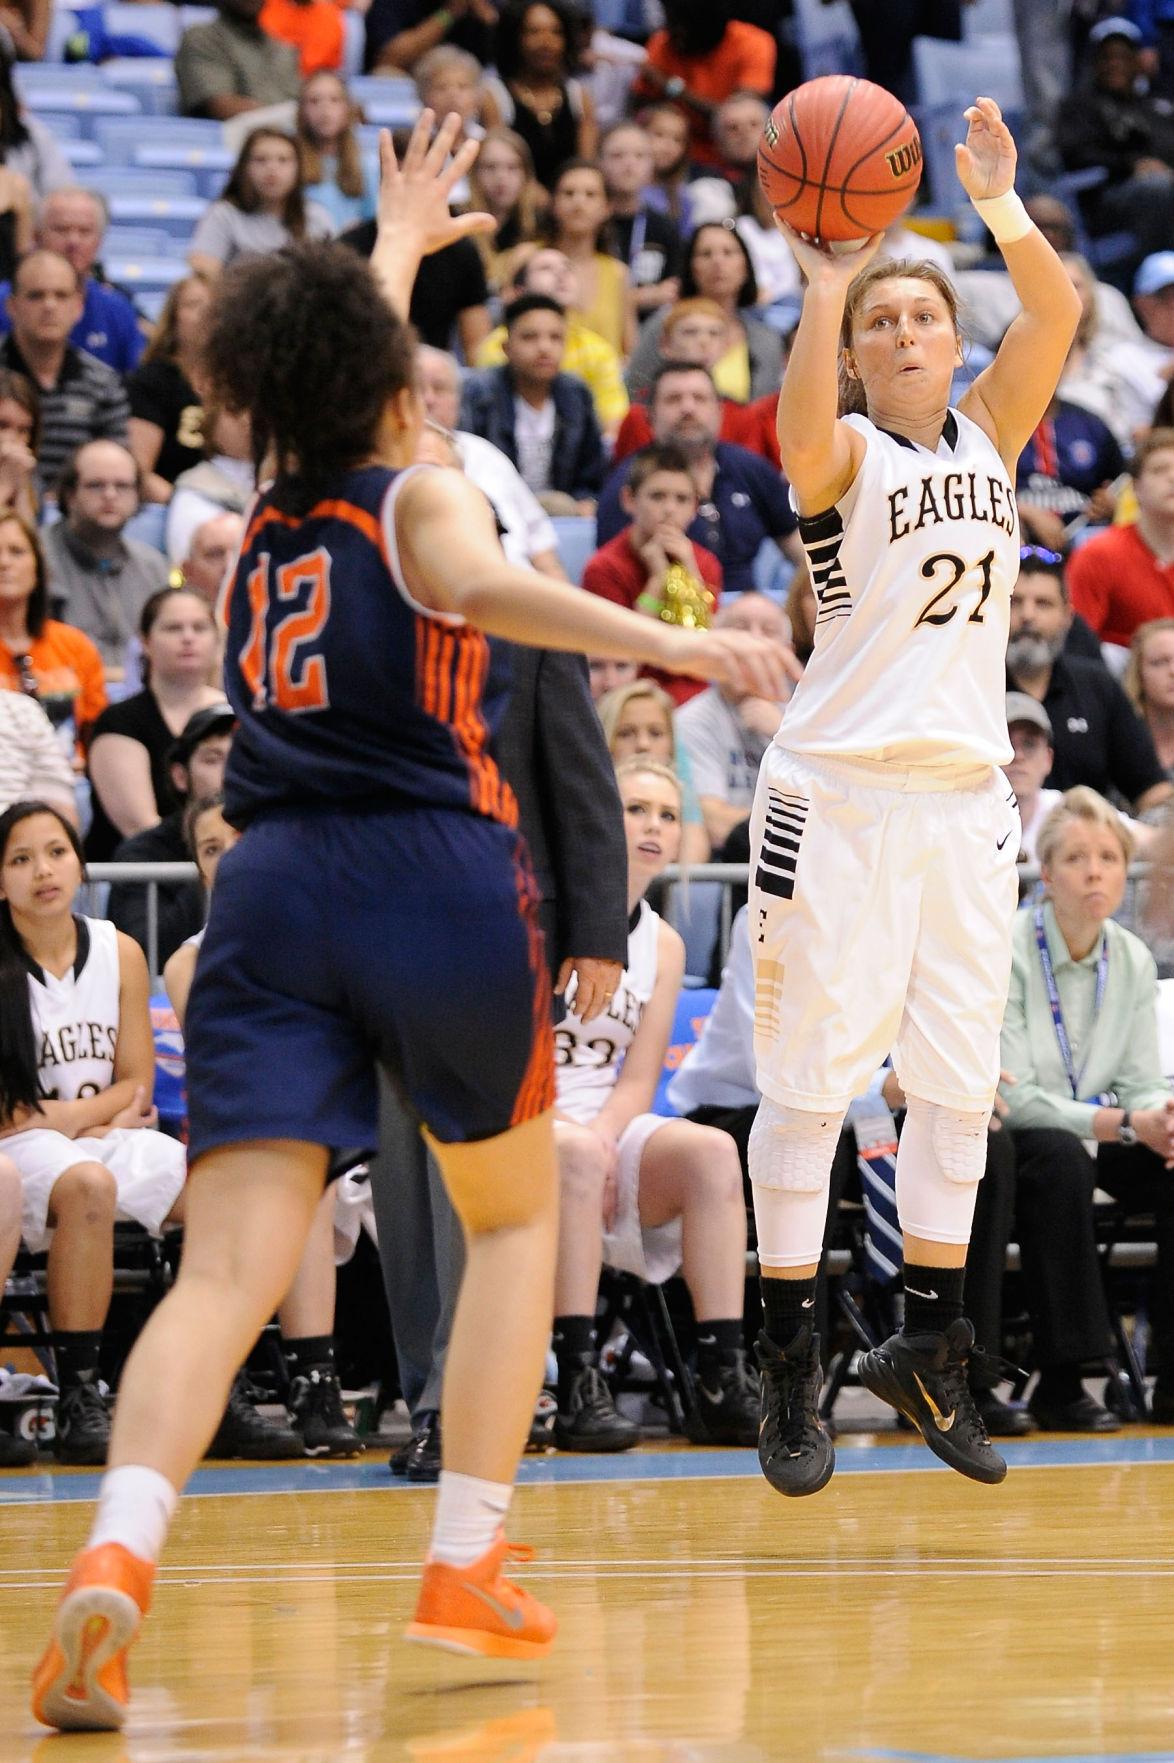 NCHSAA 2A Girl's Basketball Championship